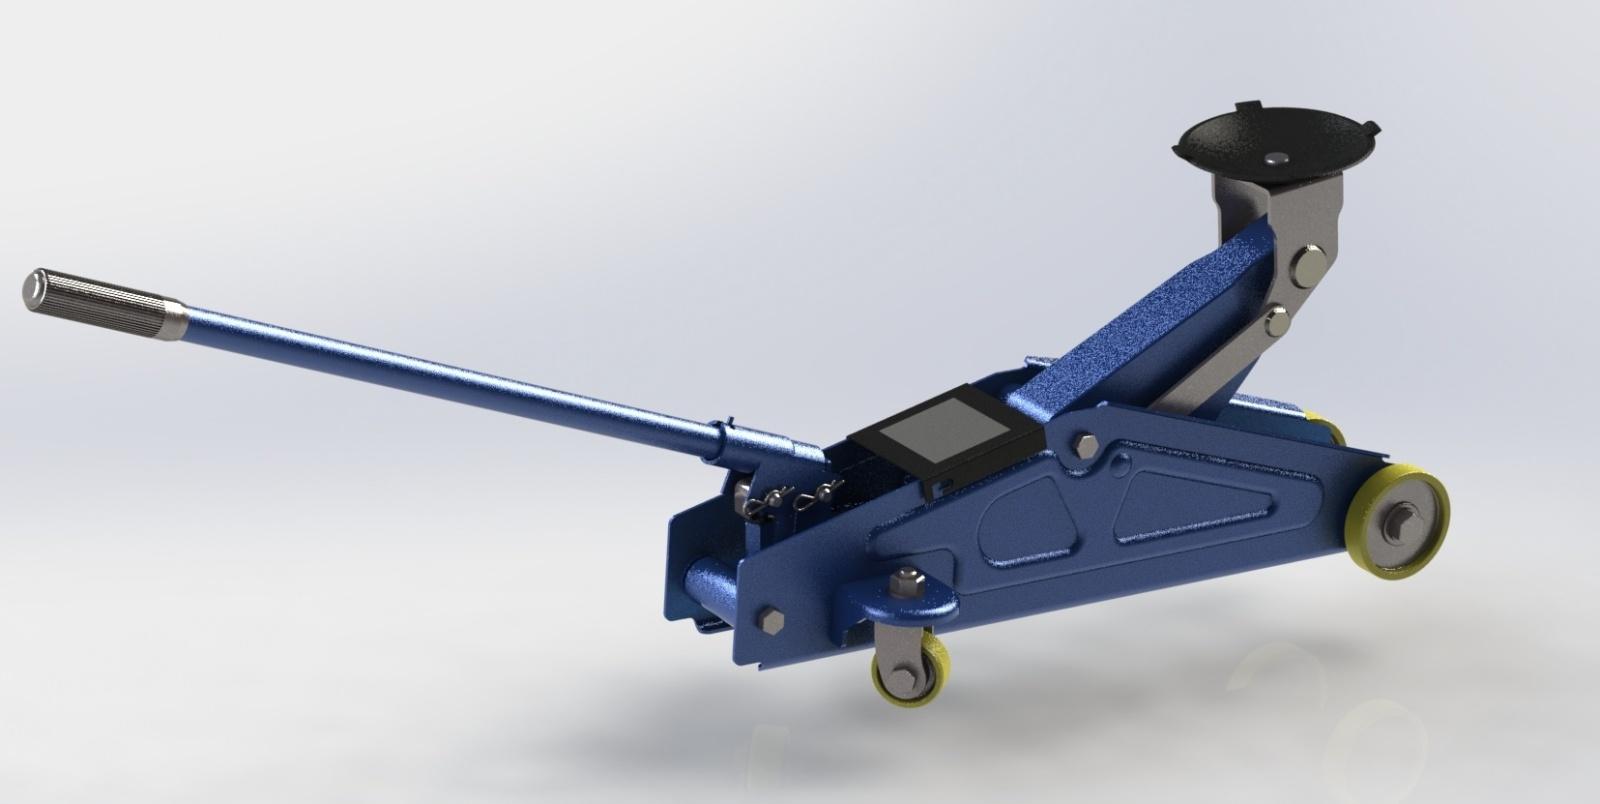 Cric-Idraulico - Modellazione 3d di un cric idraulico disegnato e poi renderizzato con SolidWorks.